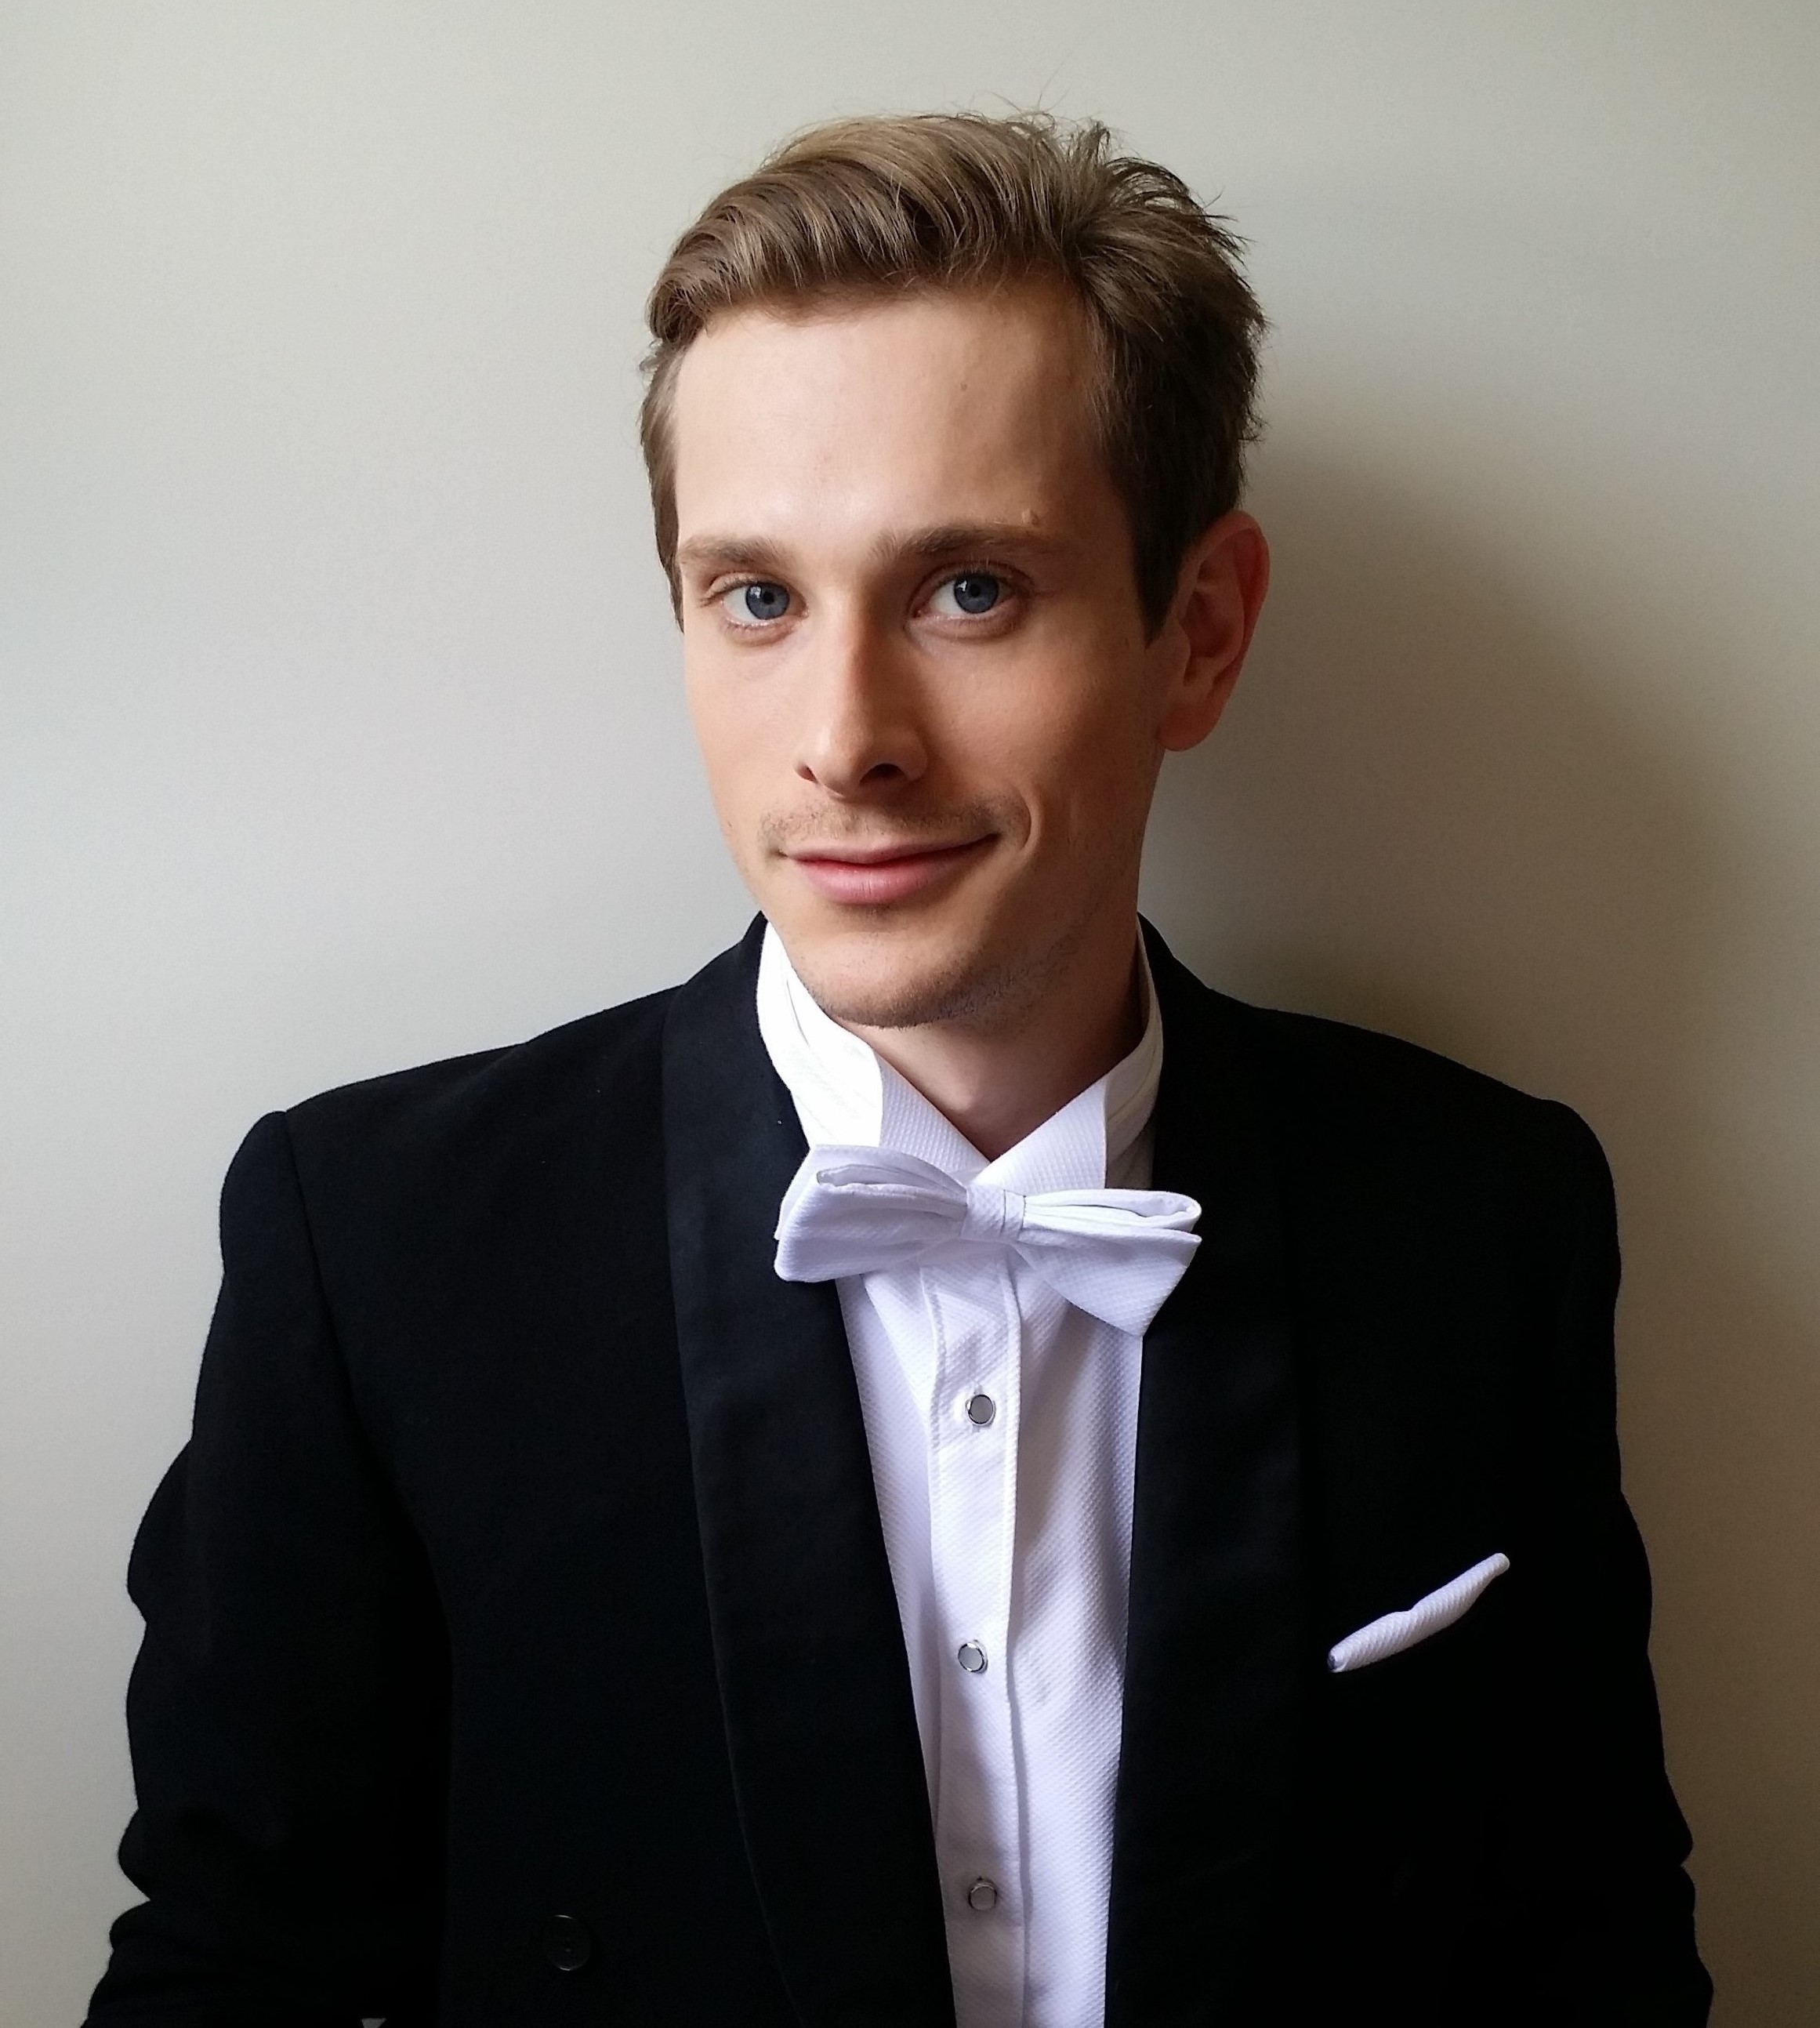 Daniel Miroslaw